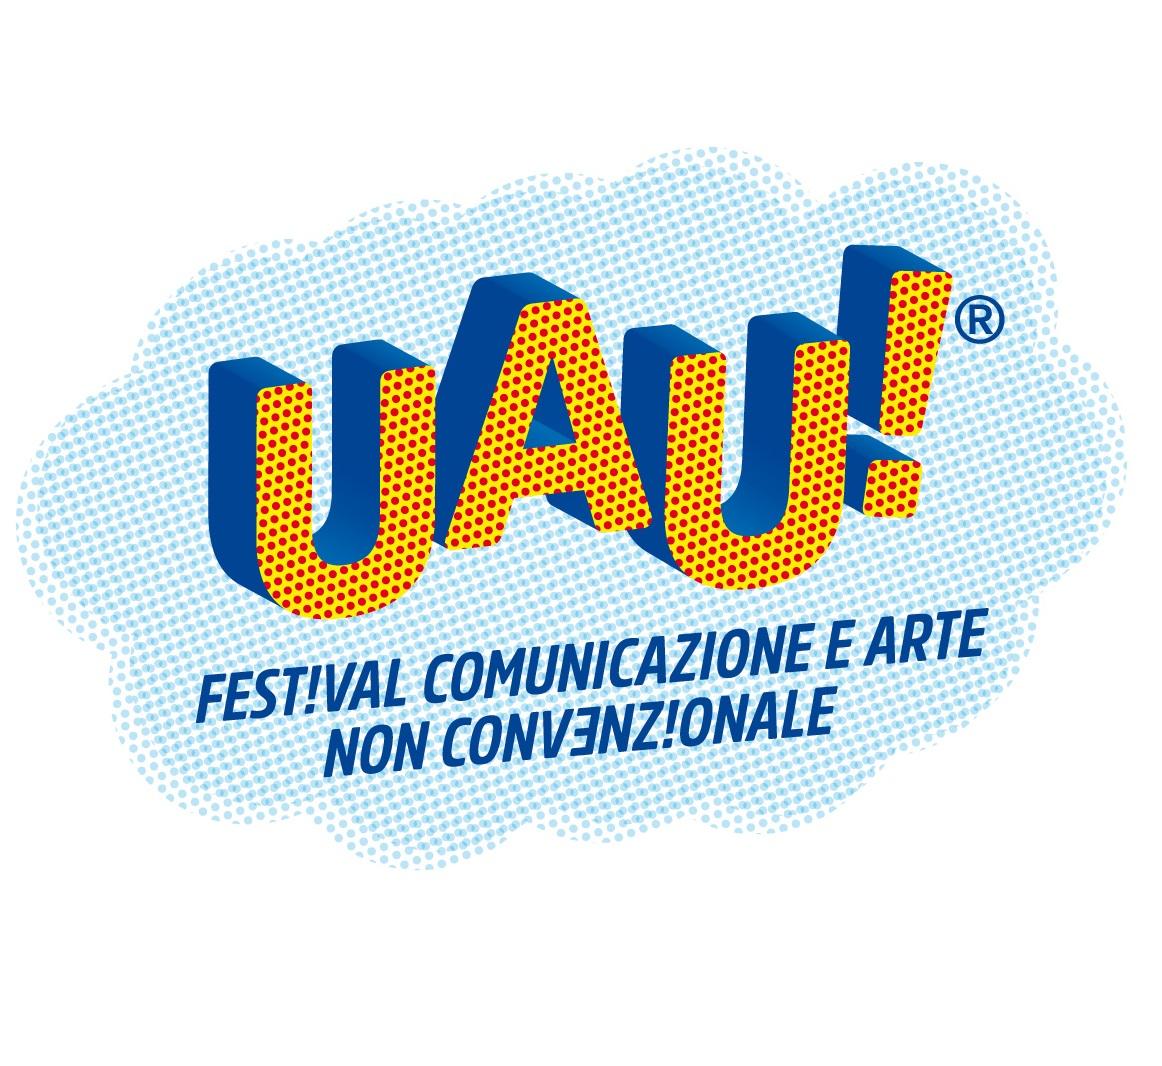 https://www.promotionmagazine.it/wp/wp-content/uploads/2017/05/PER-SITO-Marchio-UAU-Festival-Comunicazione-2.jpg